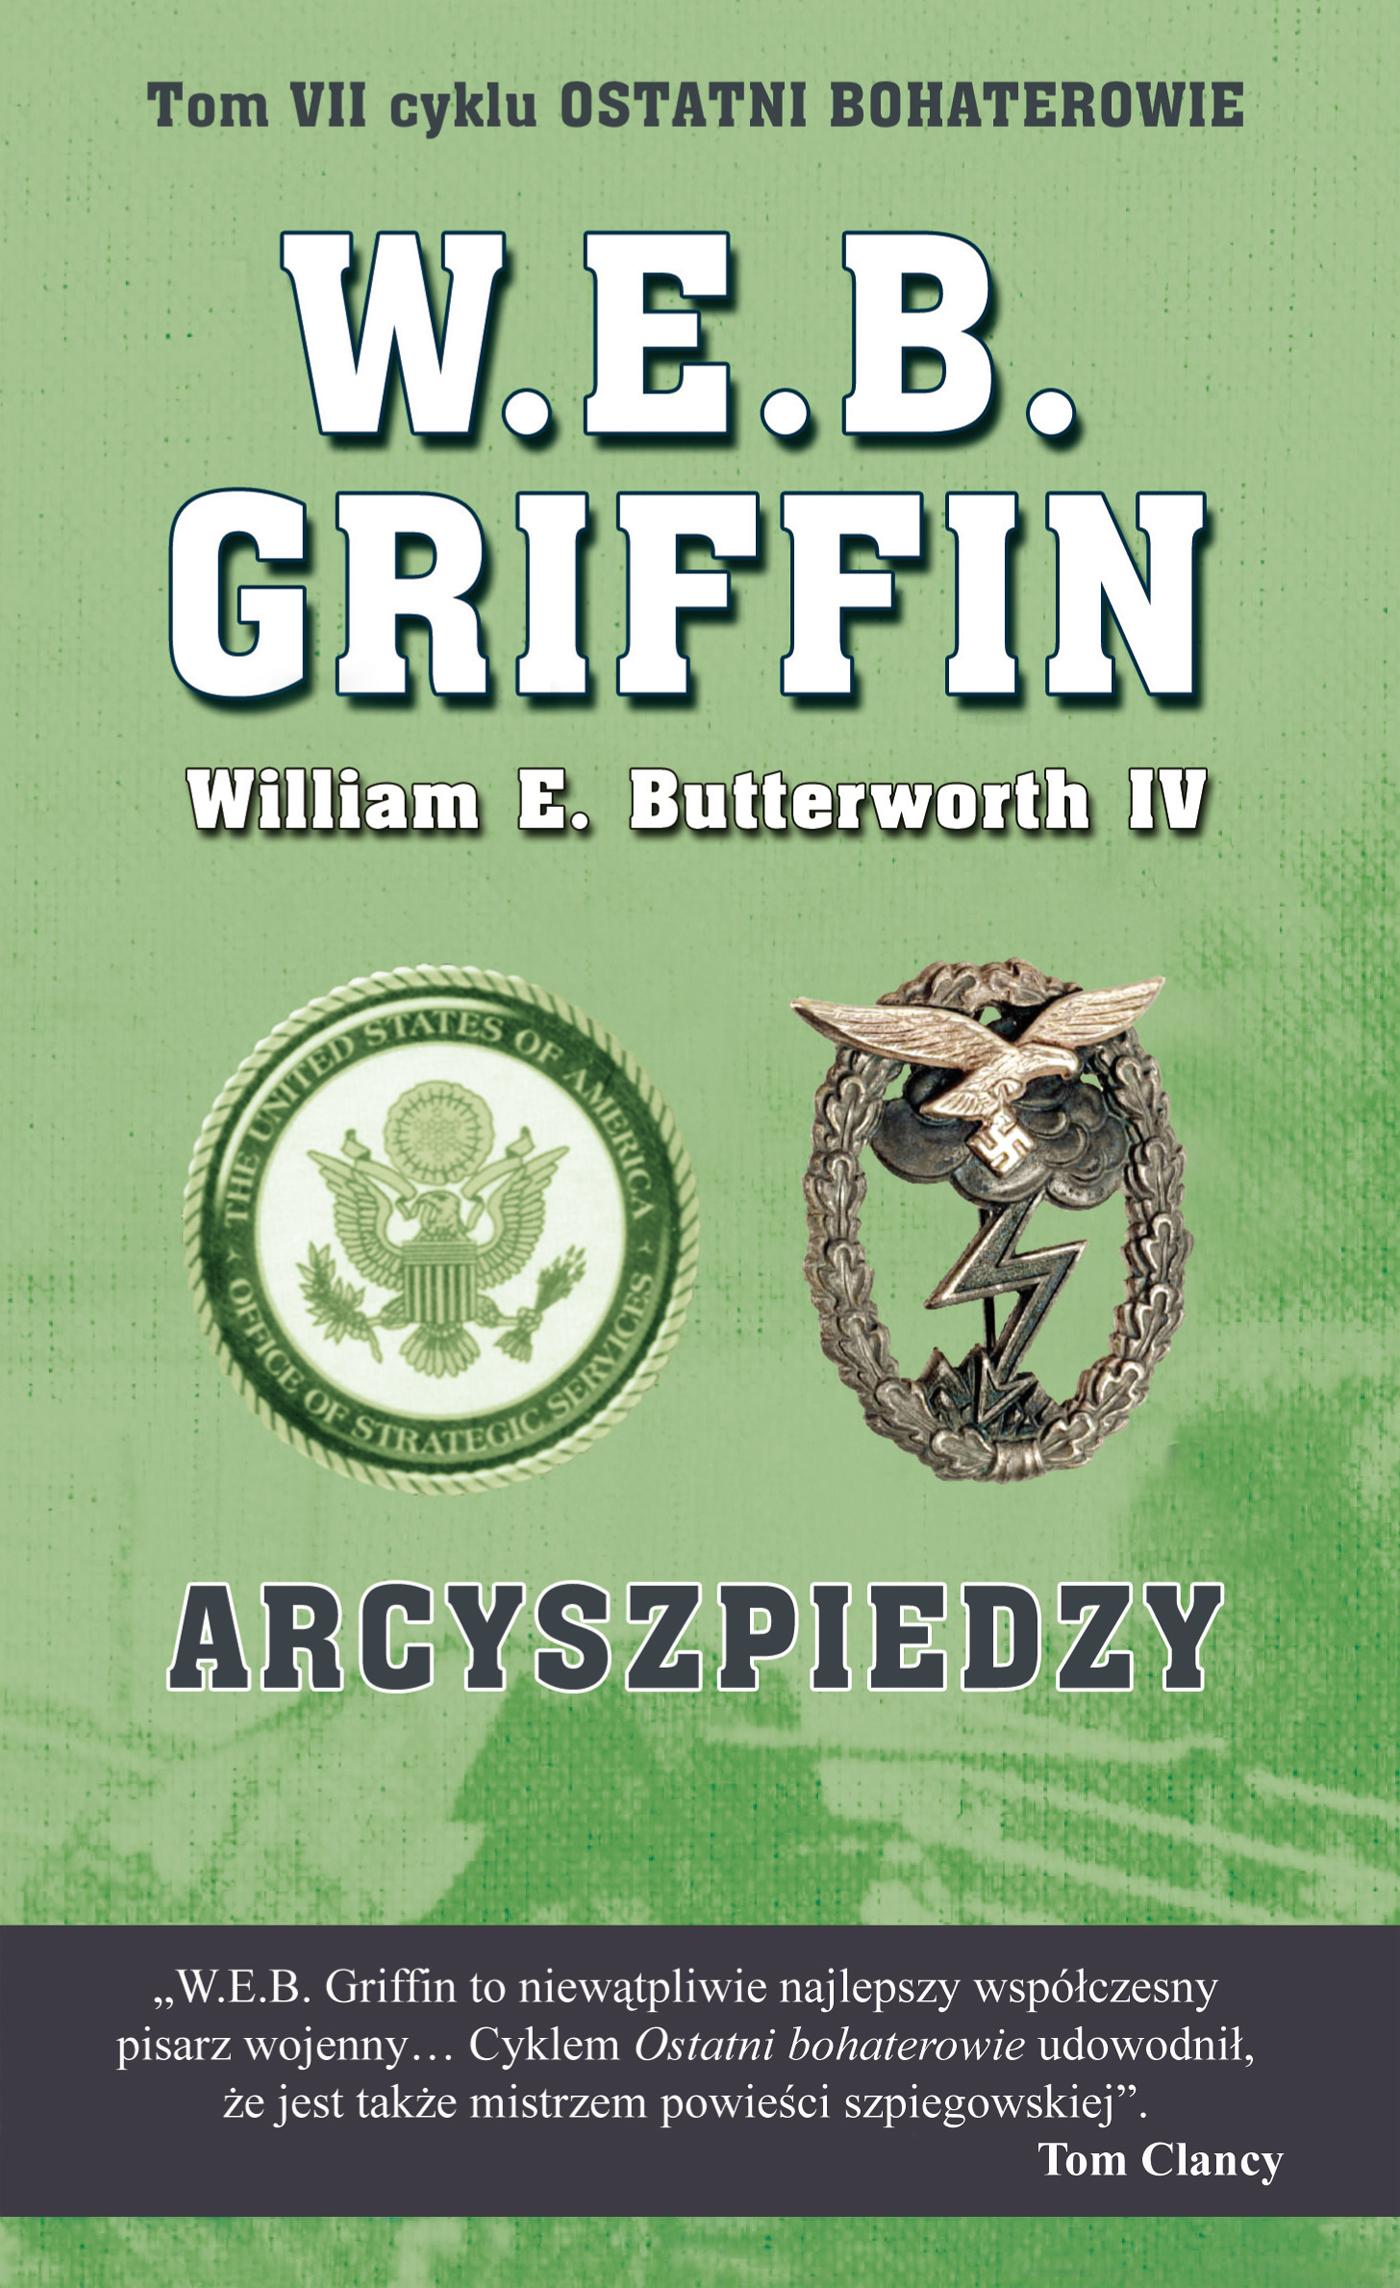 Griffin_ok_Arcyszpiedzy.indd